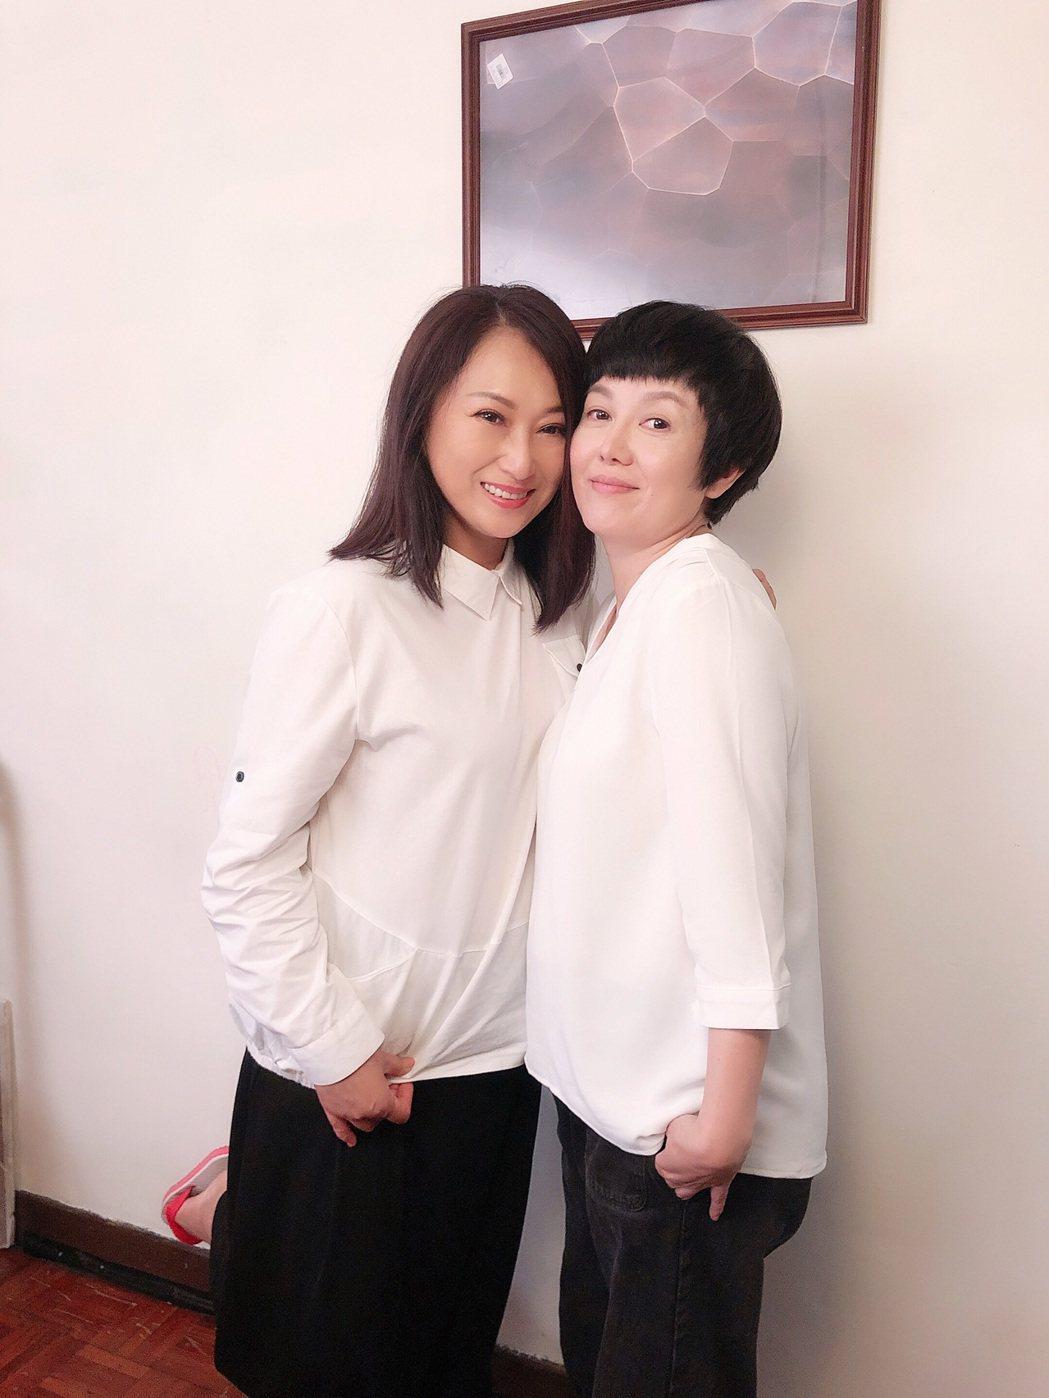 王瑞霞新歌MV,邀好友苗可麗擔綱女主角。圖/米樂士娛樂提供